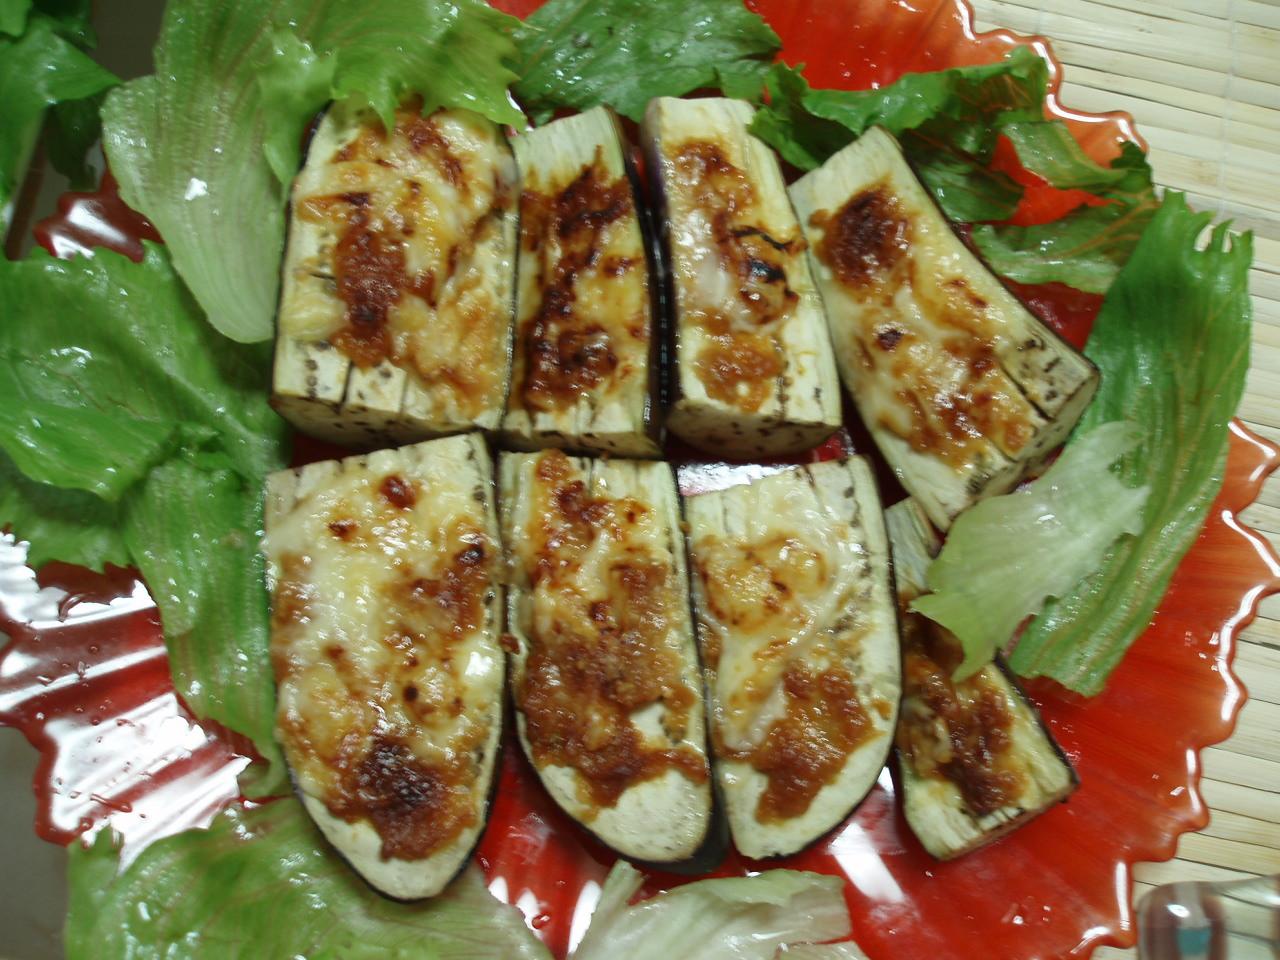 「鶏肉のカレー唐揚とかぼちゃの照り焼きとナスの味噌チーズと生姜ご飯」♪_b0137453_19563577.jpg